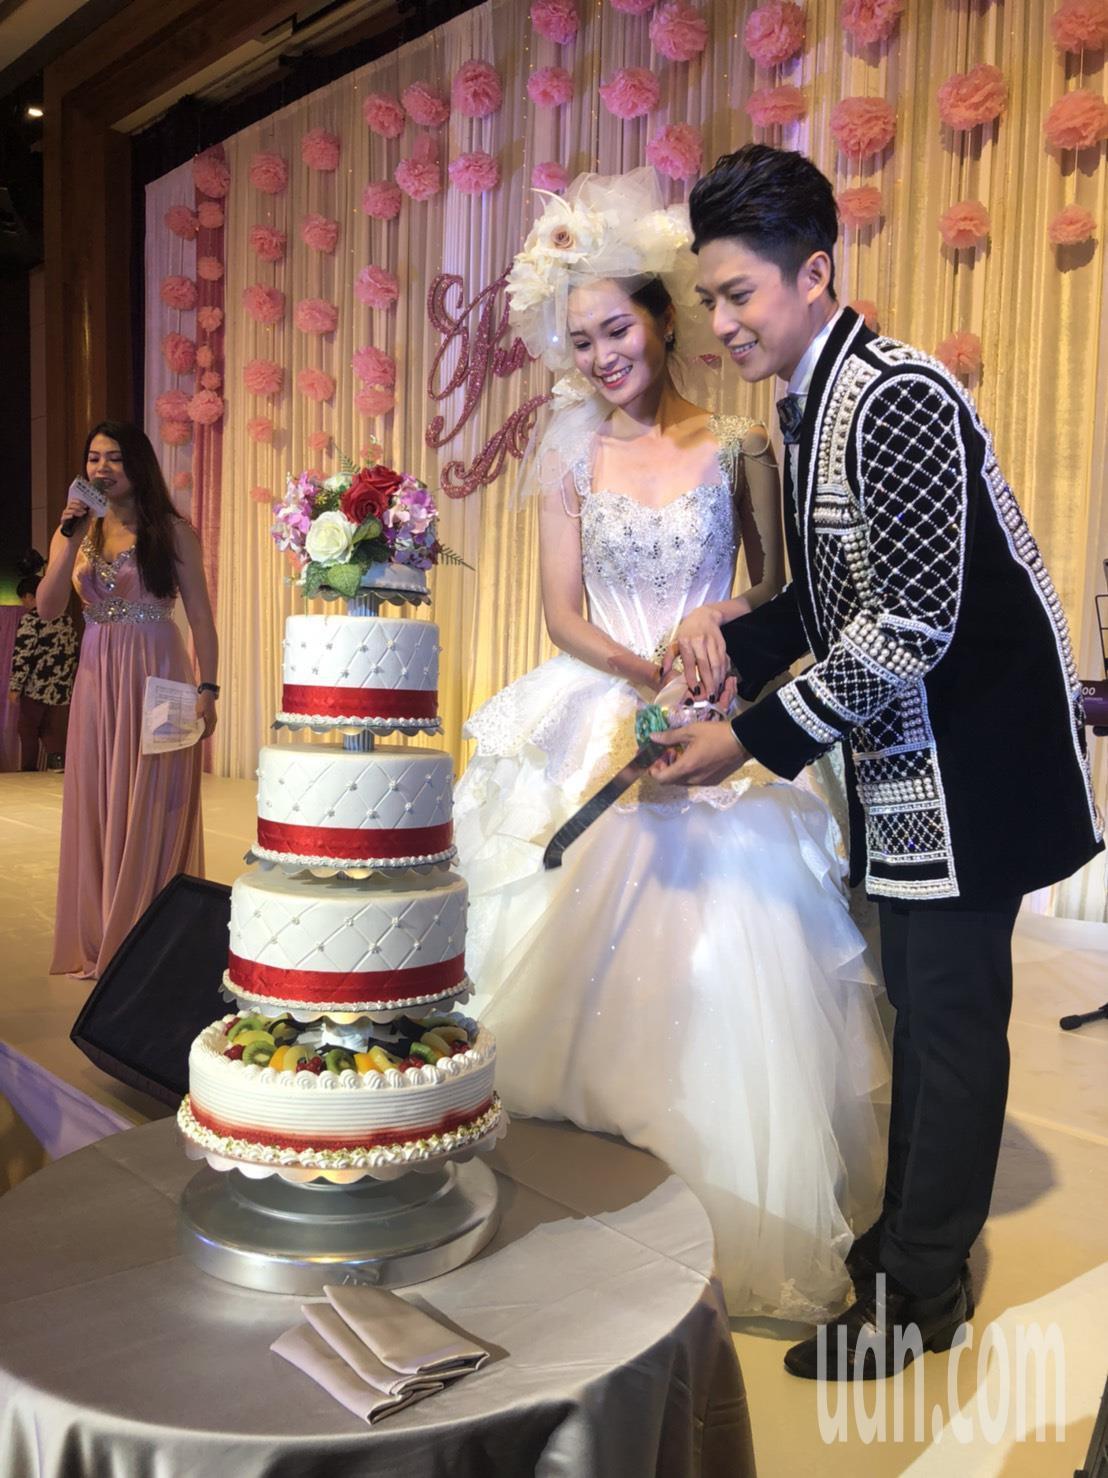 農曆7月傳統認為不適合嫁娶,嘉義地區唯一一家五星級飯店「耐斯王子飯店」今舉辦婚禮...